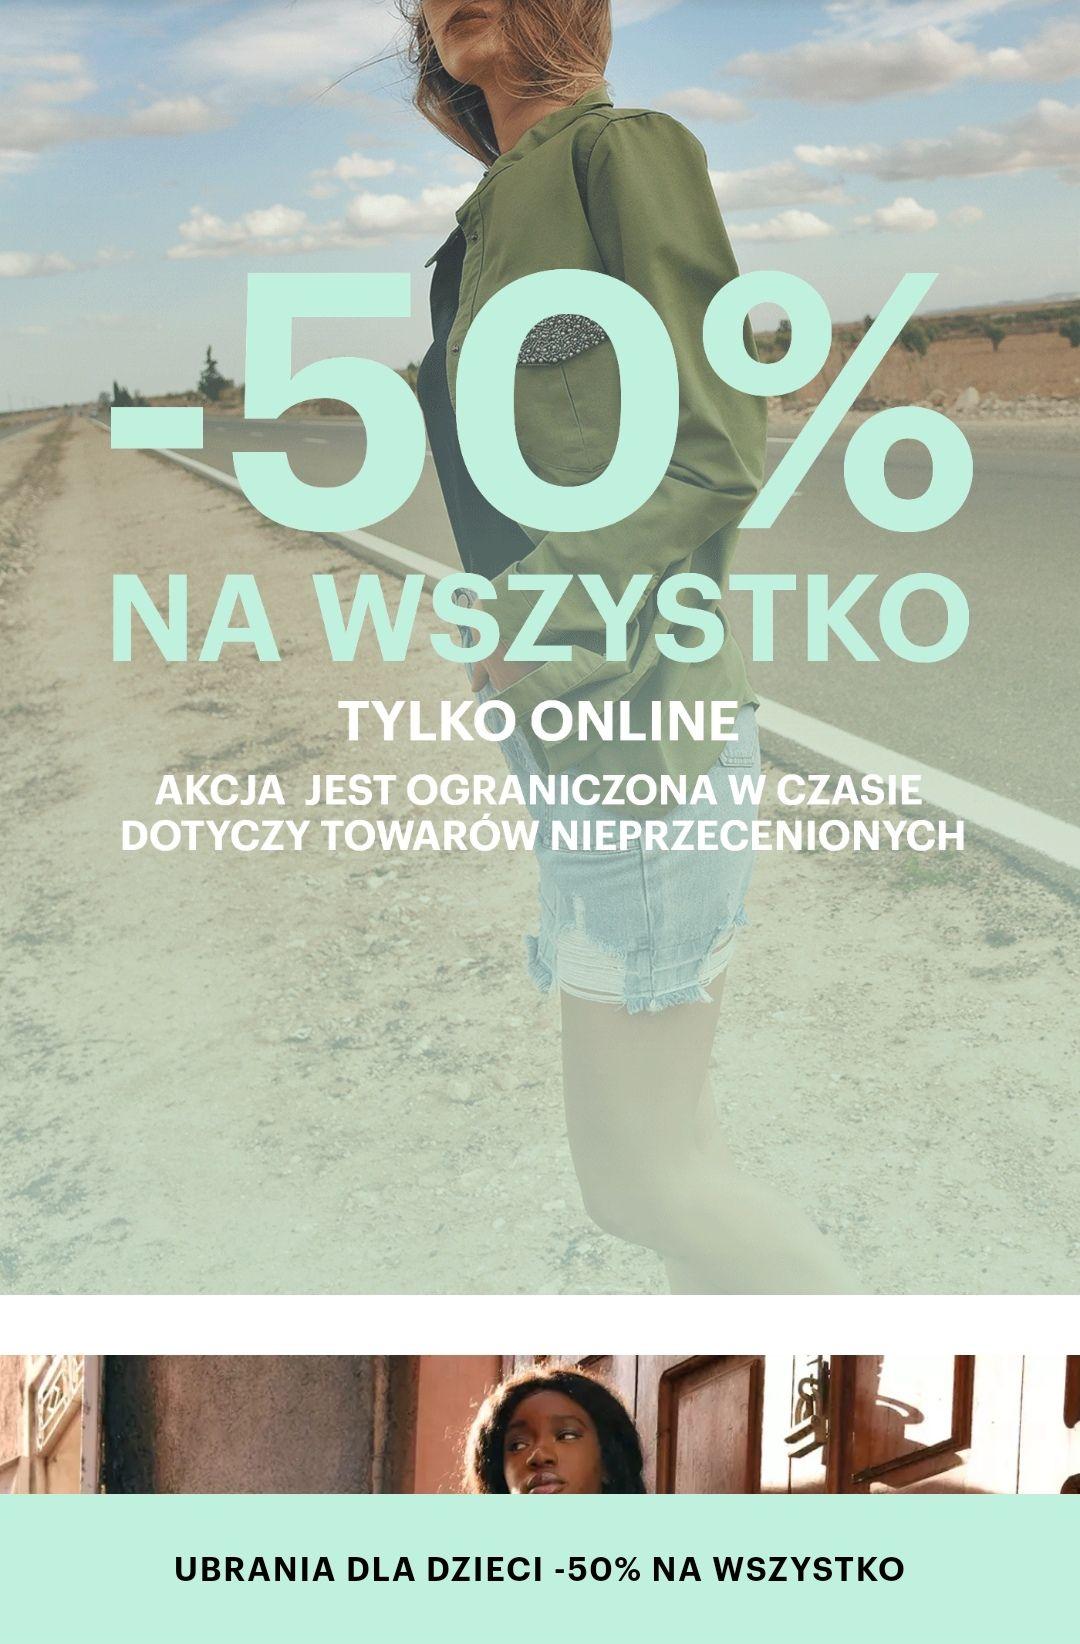 -50% na nieprzeceniony towar gate. shop